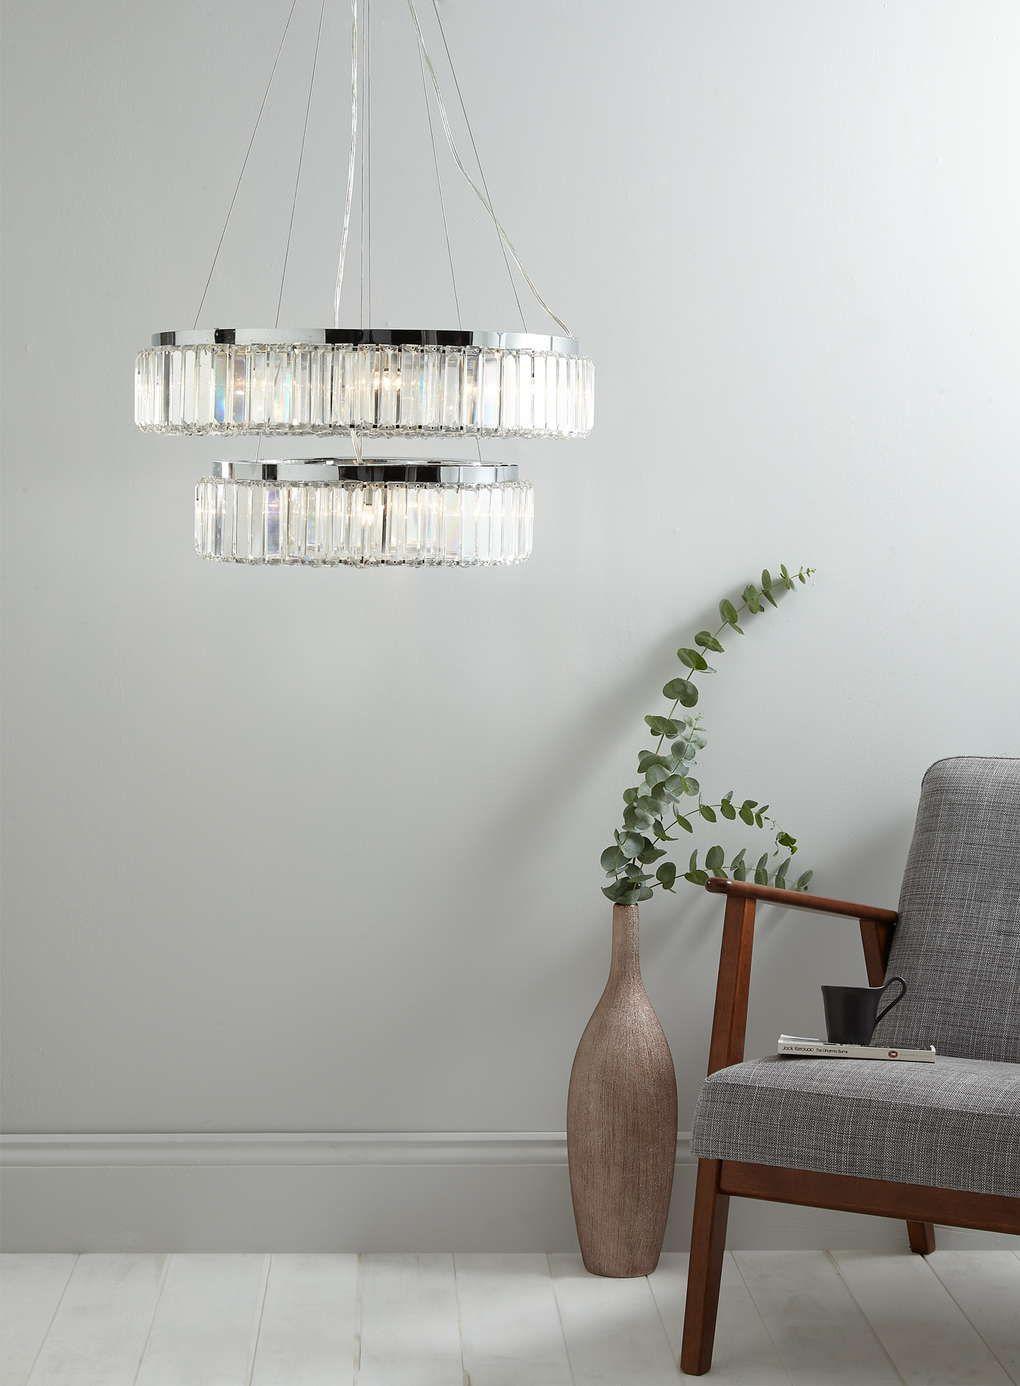 Clear Yaren Chandelier Pendant Light - BHS   living room   Pinterest ...